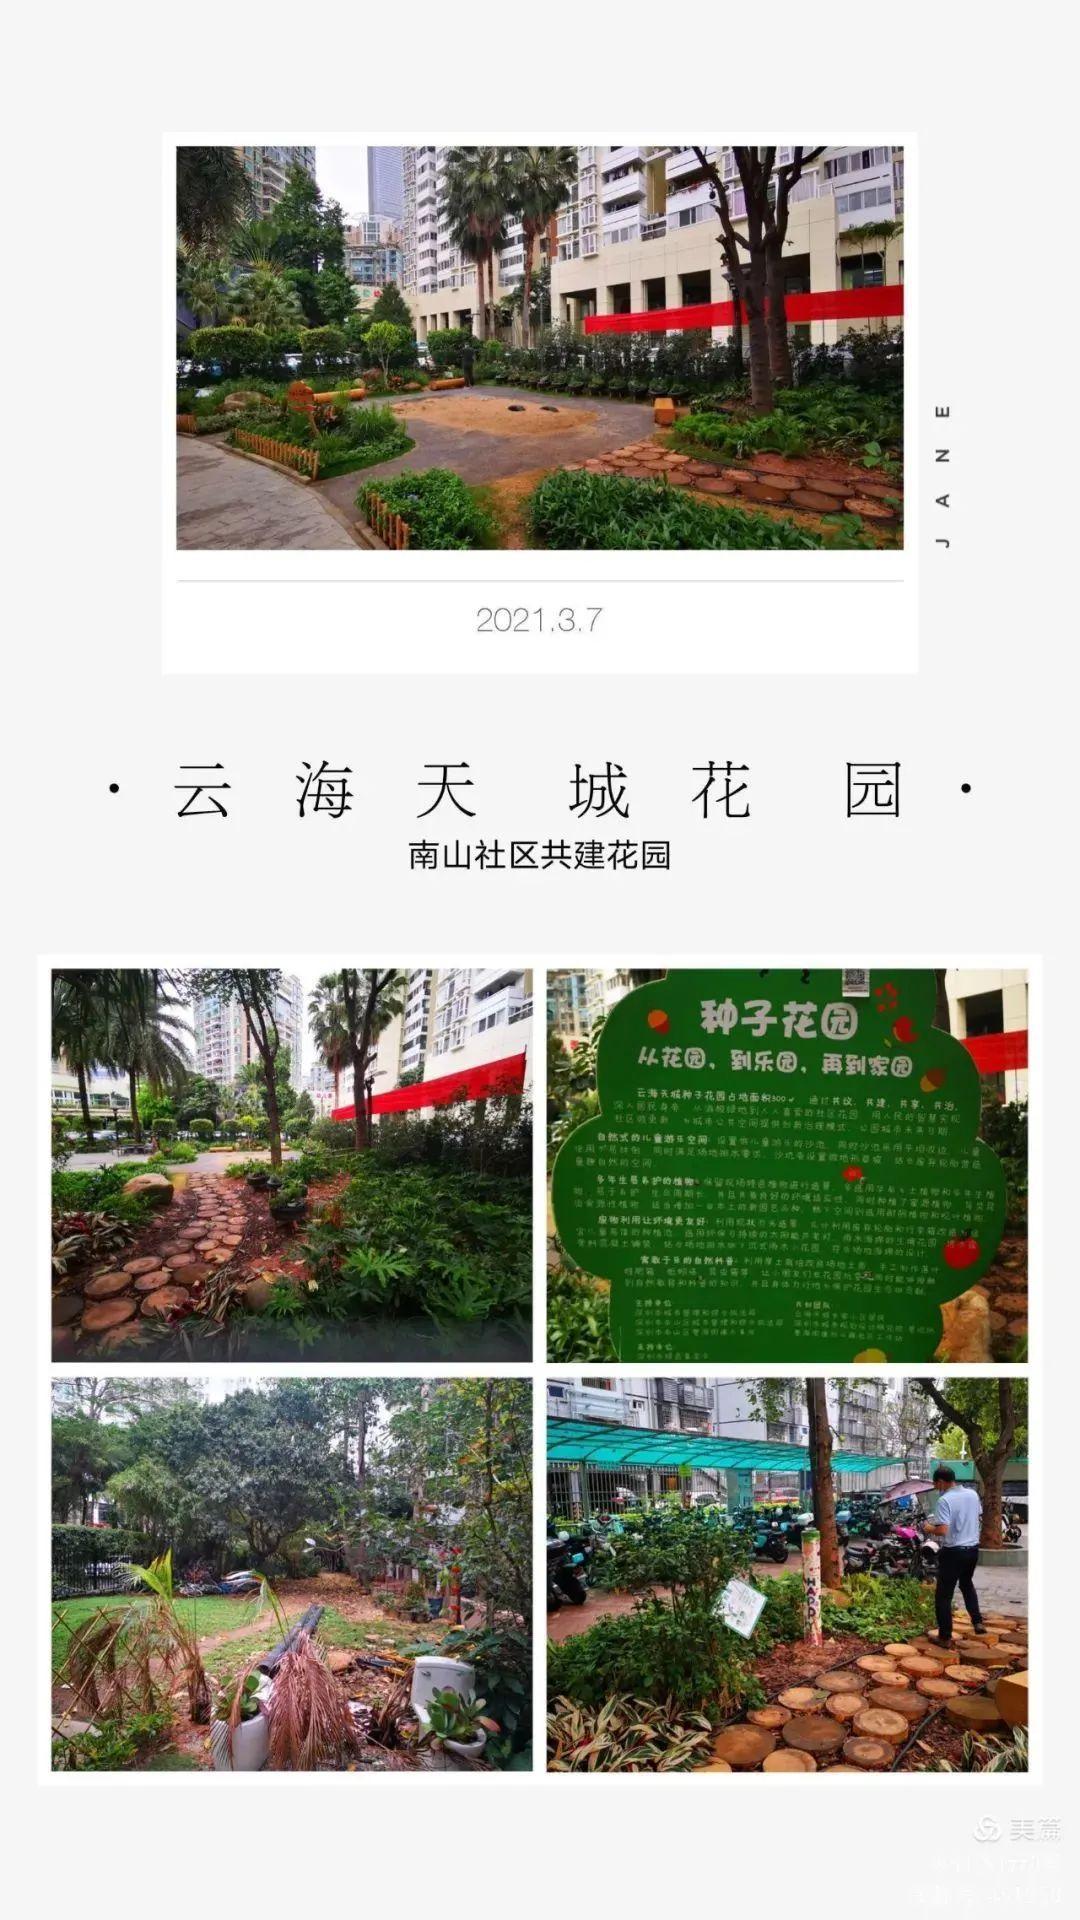 南山这个网红花园又刷屏了!社区共建花园魅力